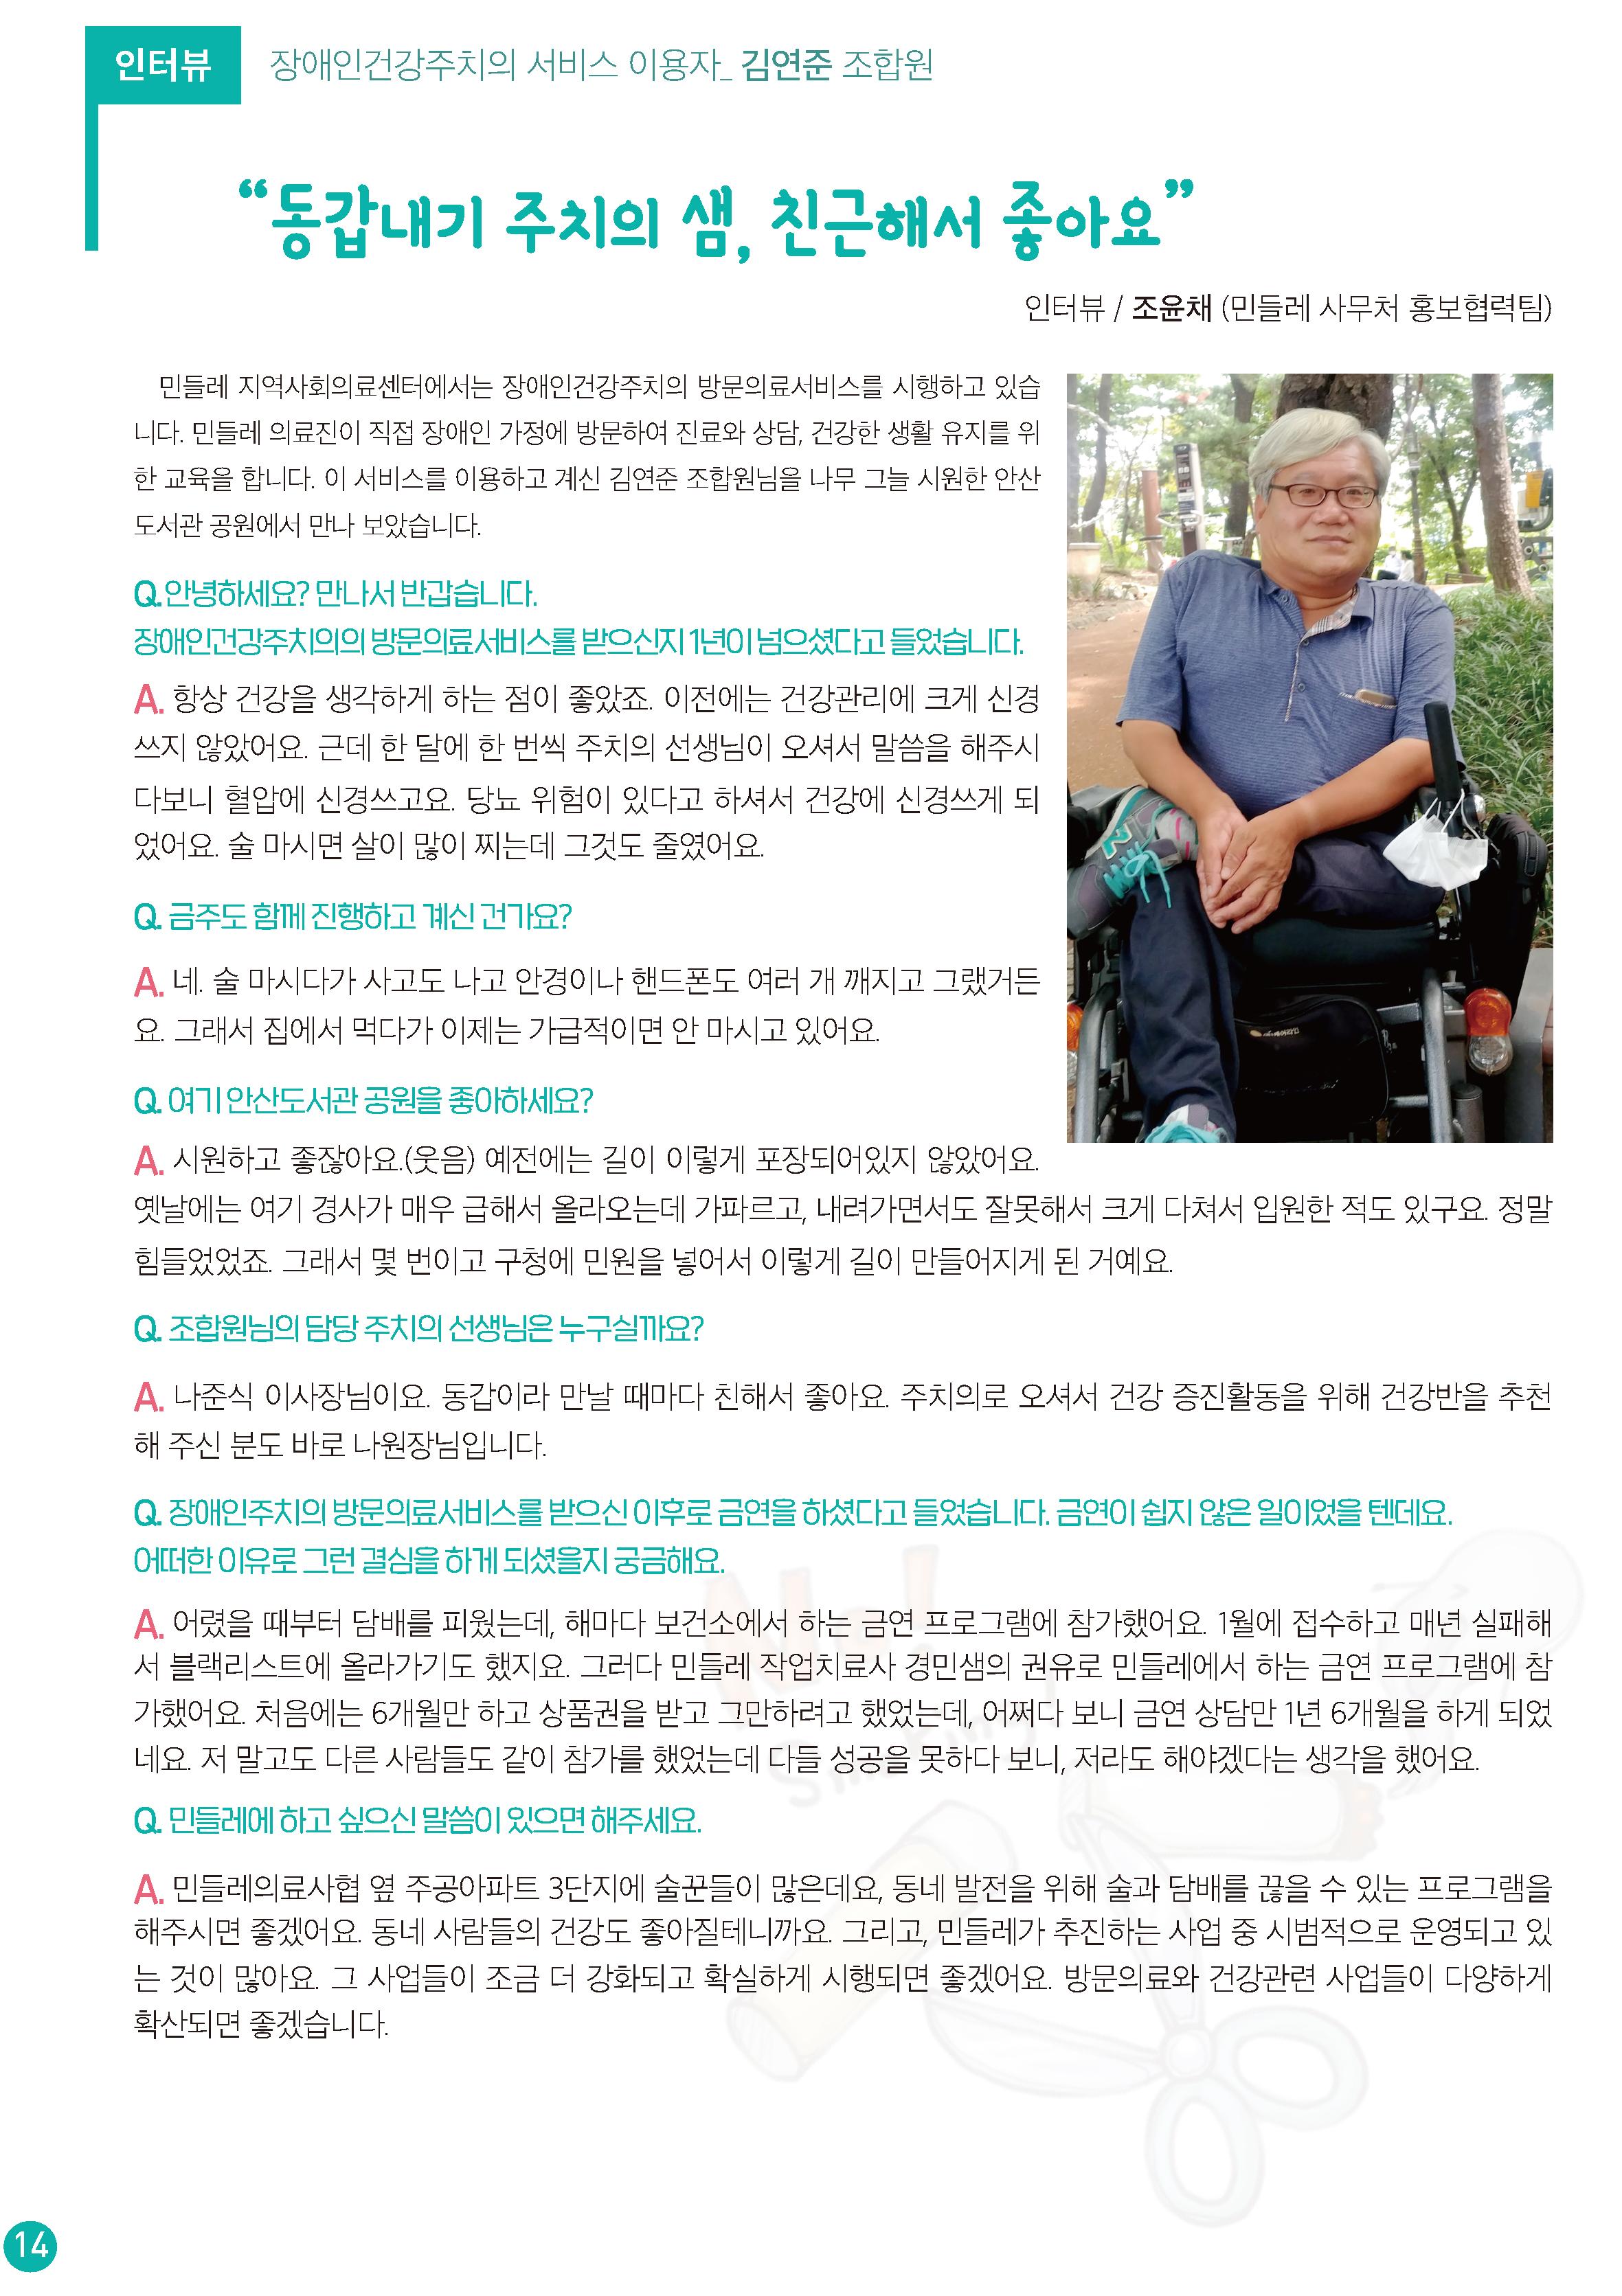 민들레 소식지8월호 시안(최종)-14.jpg